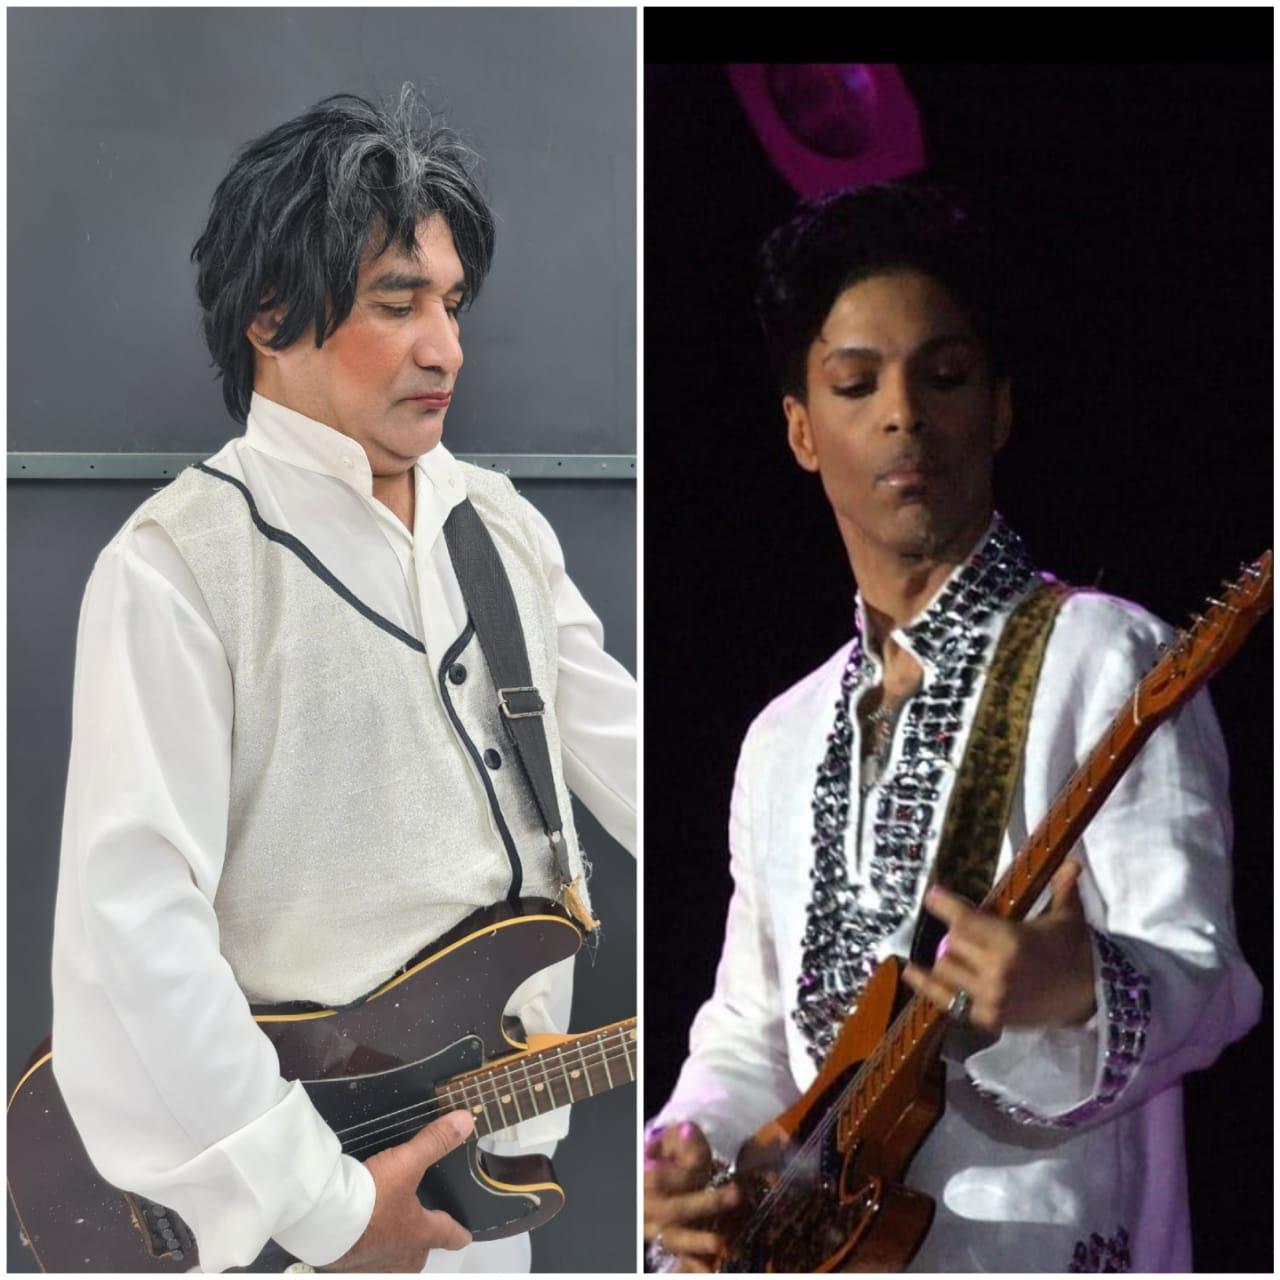 Ronda homenageia o  cantor Prince, nascido em 7 de junho de 1958 - Imagem 2